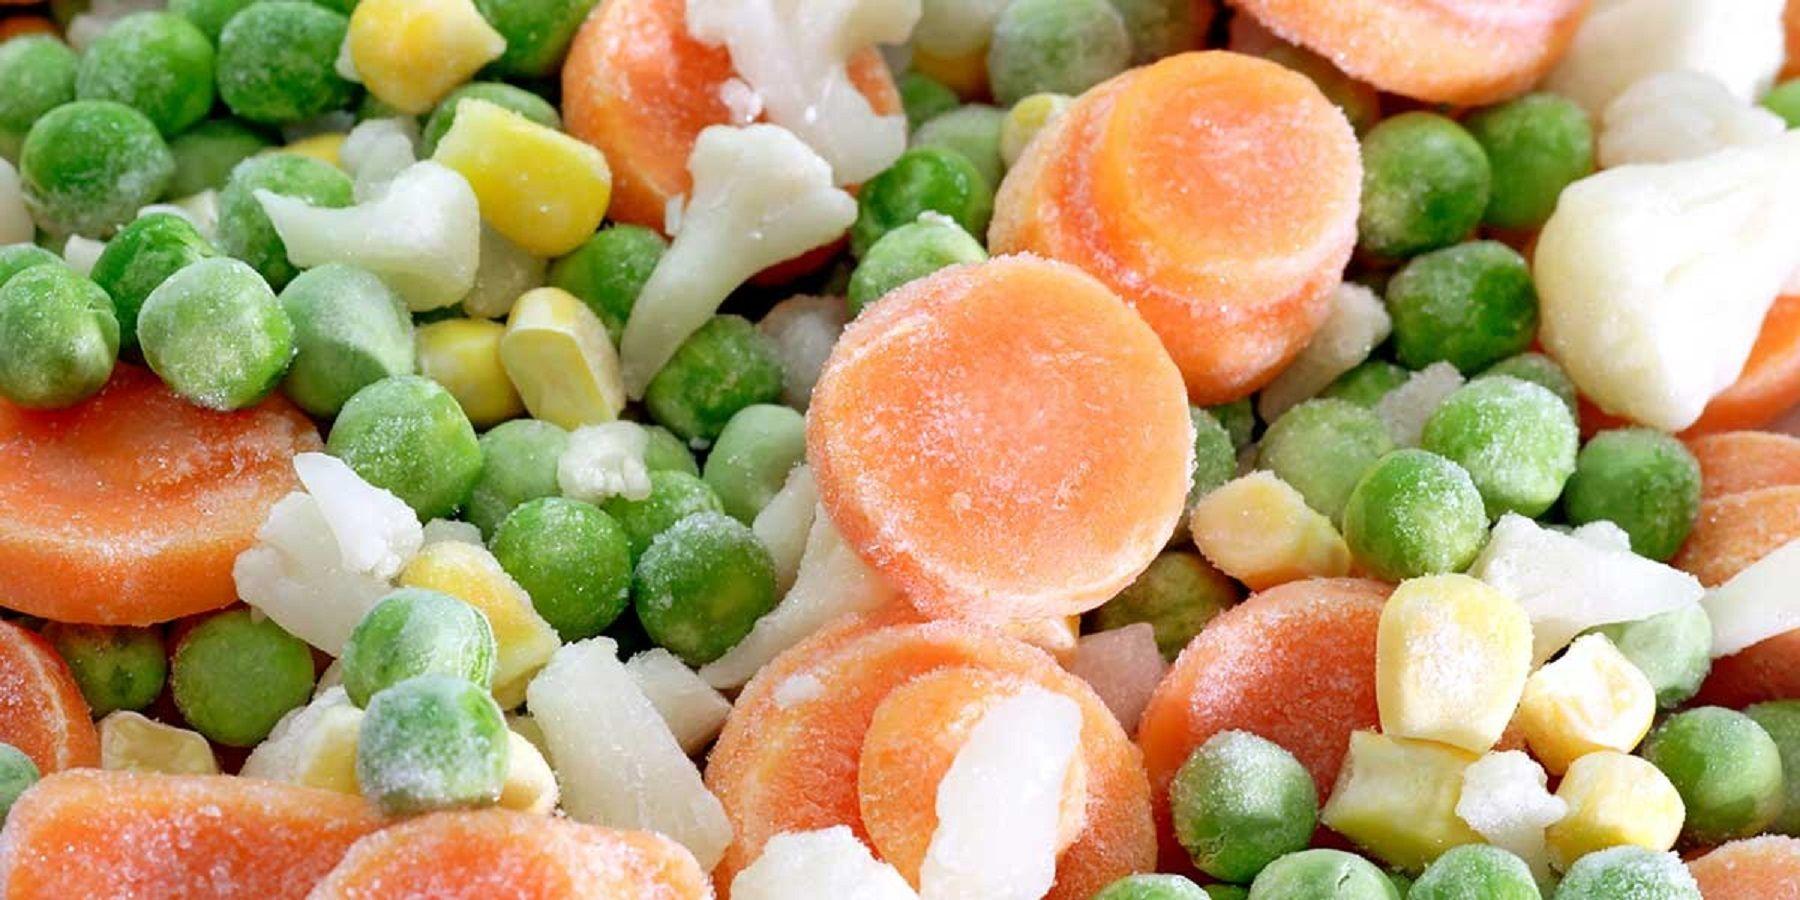 La ANMAT prohibió la venta de una serie de alimentos congelados por listeriosis